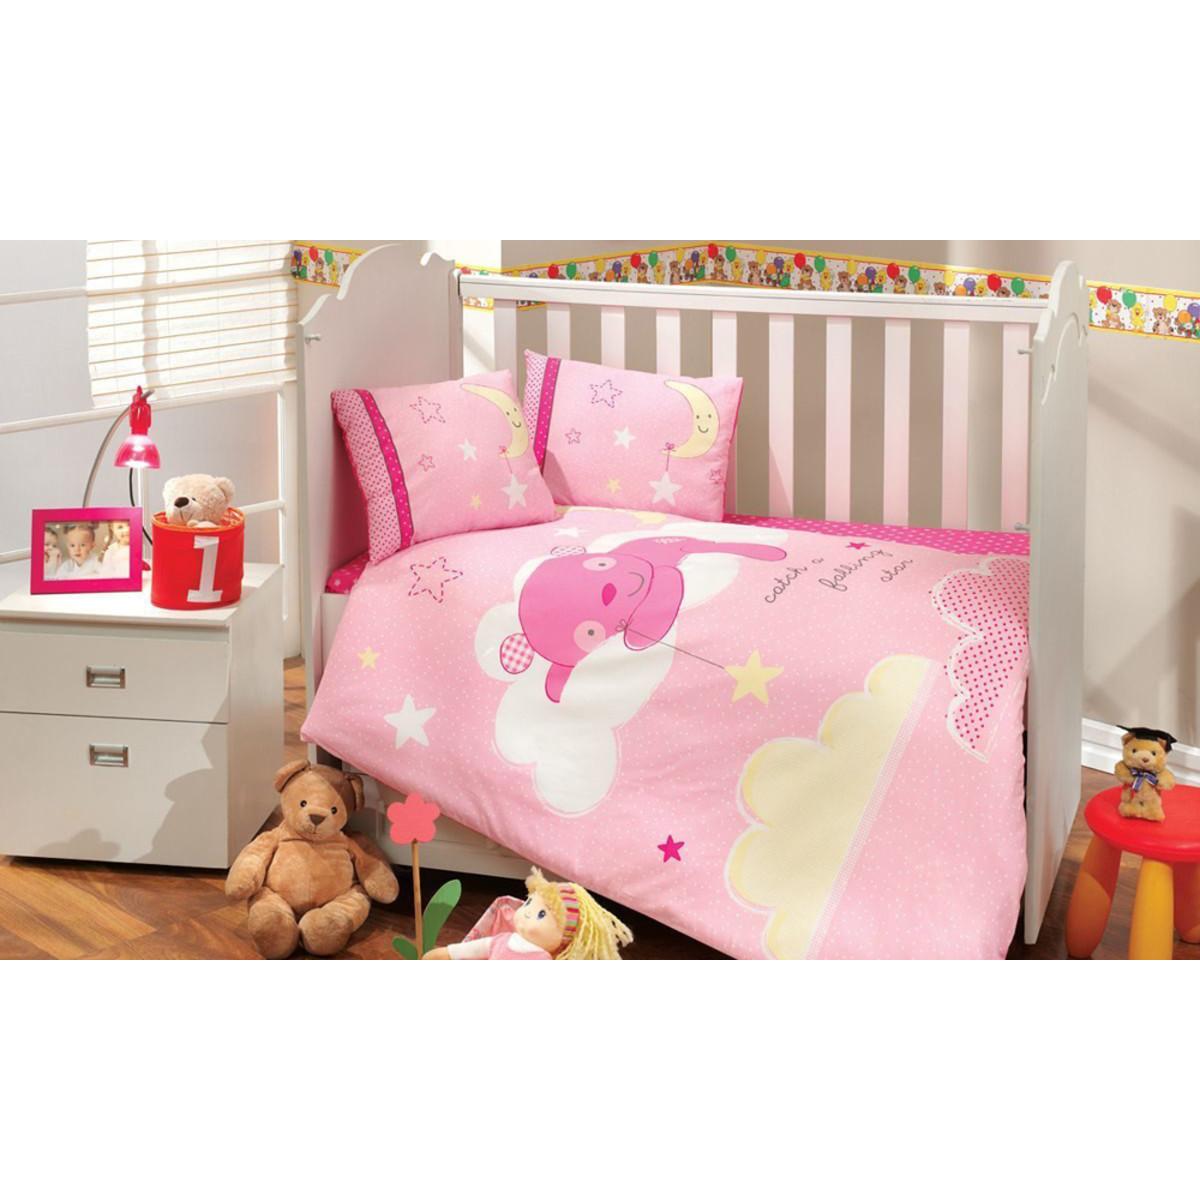 Комплект Постельного Белья В Кроватку Hobby Home Collection Sleeper 1501001778 Поплин